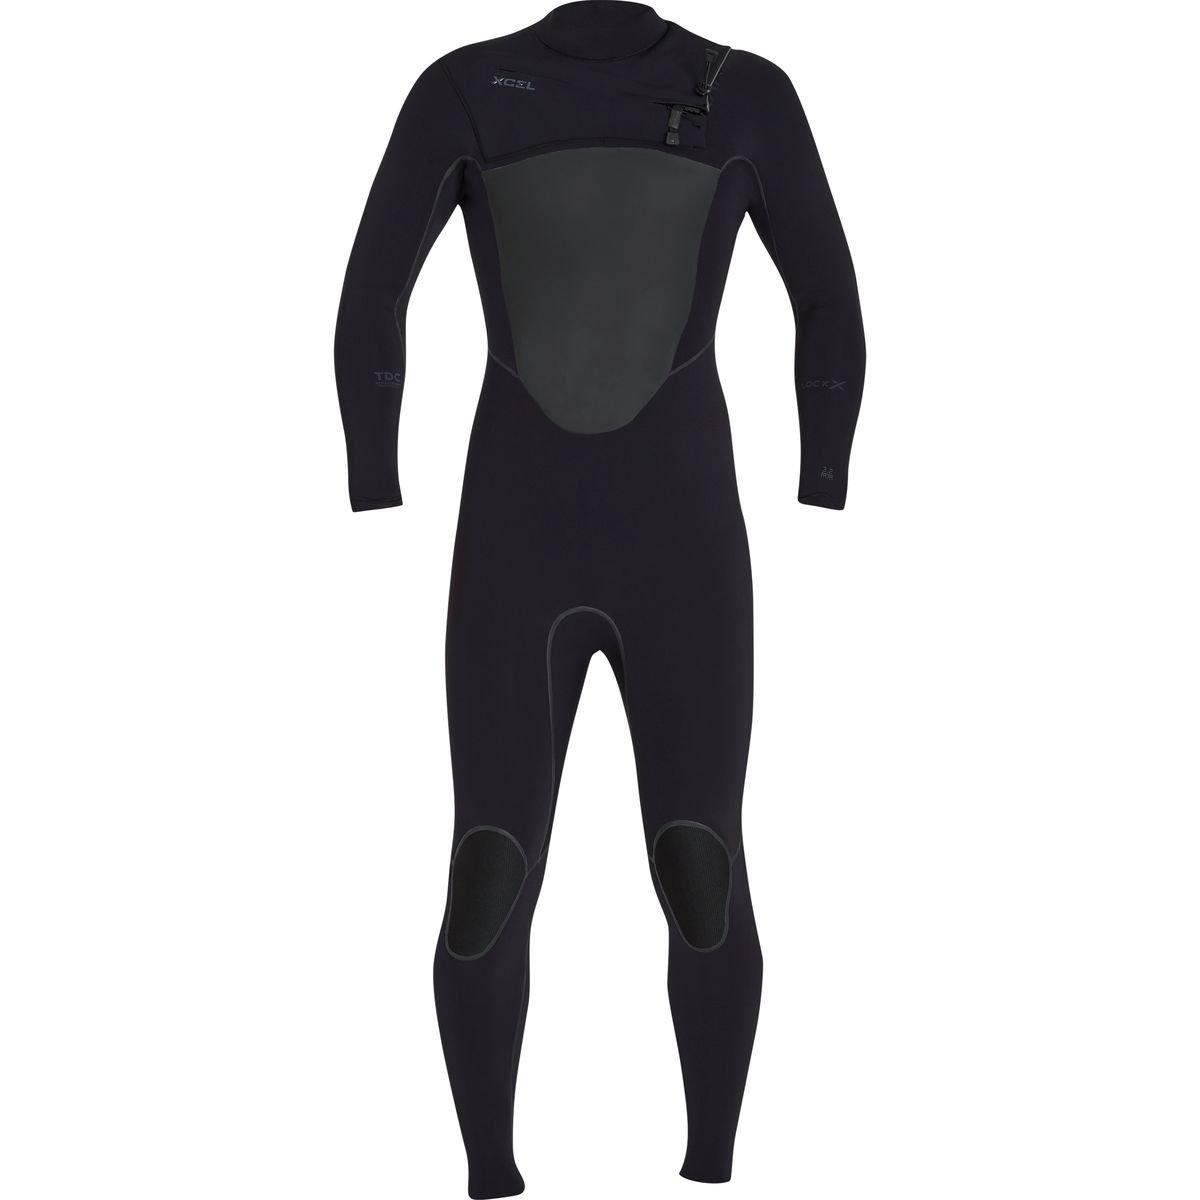 【在庫あり】 XcelハワイDrylock 3 MS|Black/Black/ 2 mm TDC Full – Wetsuit Full – Men 's B07931RL4H MS|Black/Black Logos Black/Black Logos MS, 能登川町:fddeda1a --- agiven.com